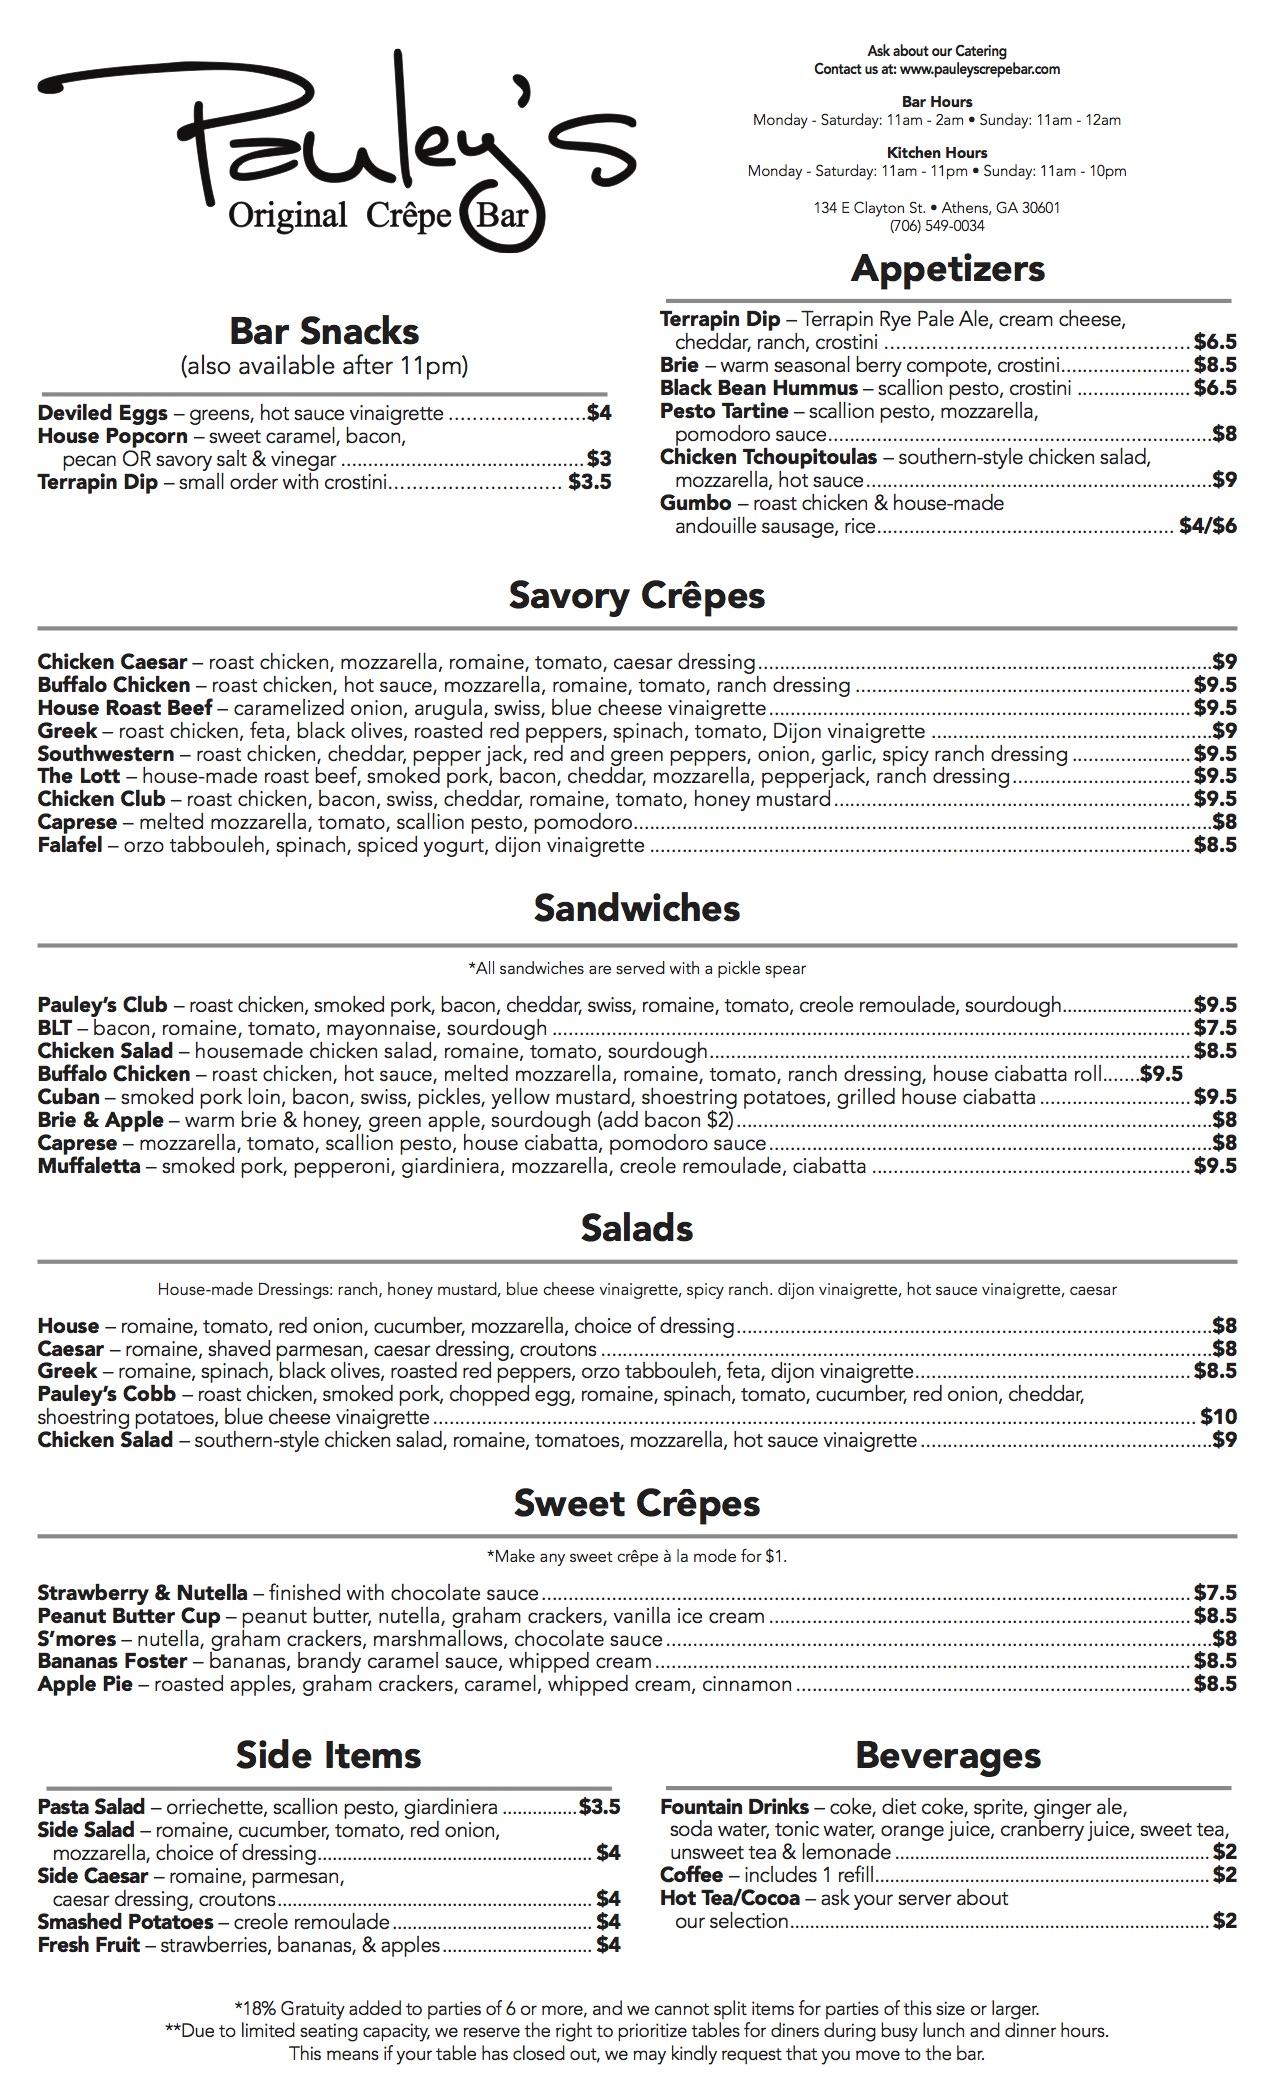 pauleys menu 2